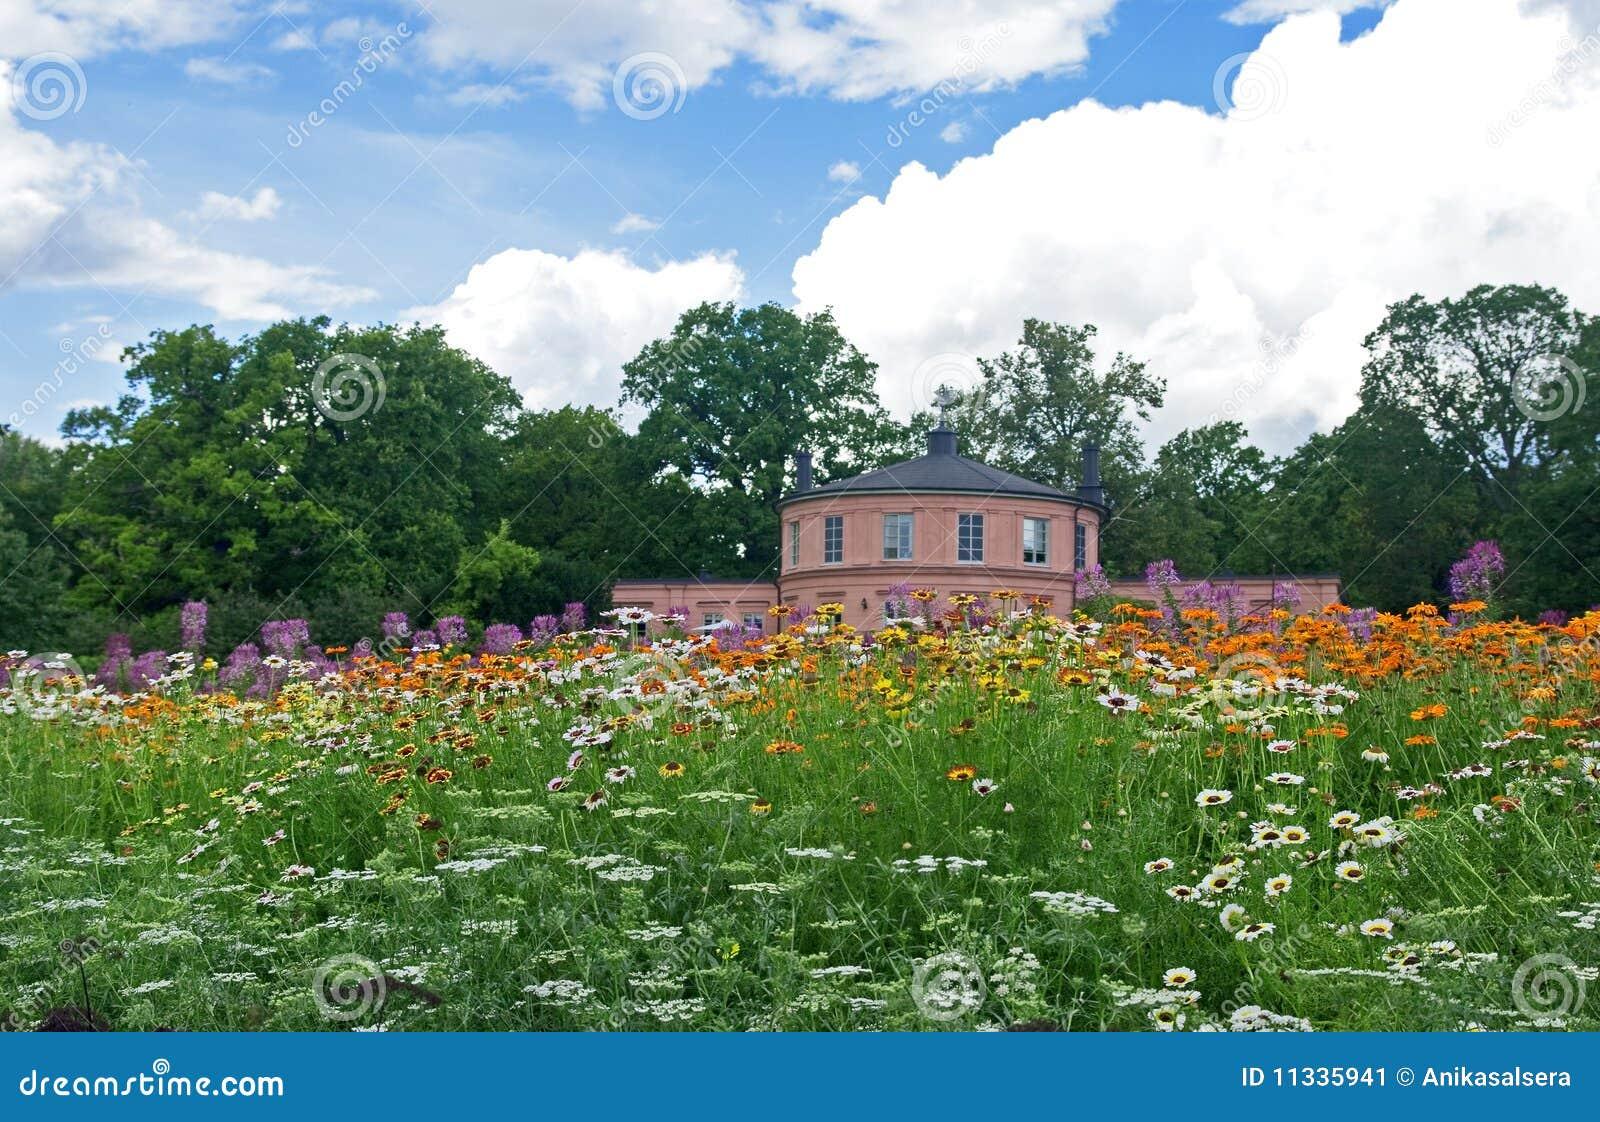 Meadow in a botanical garden